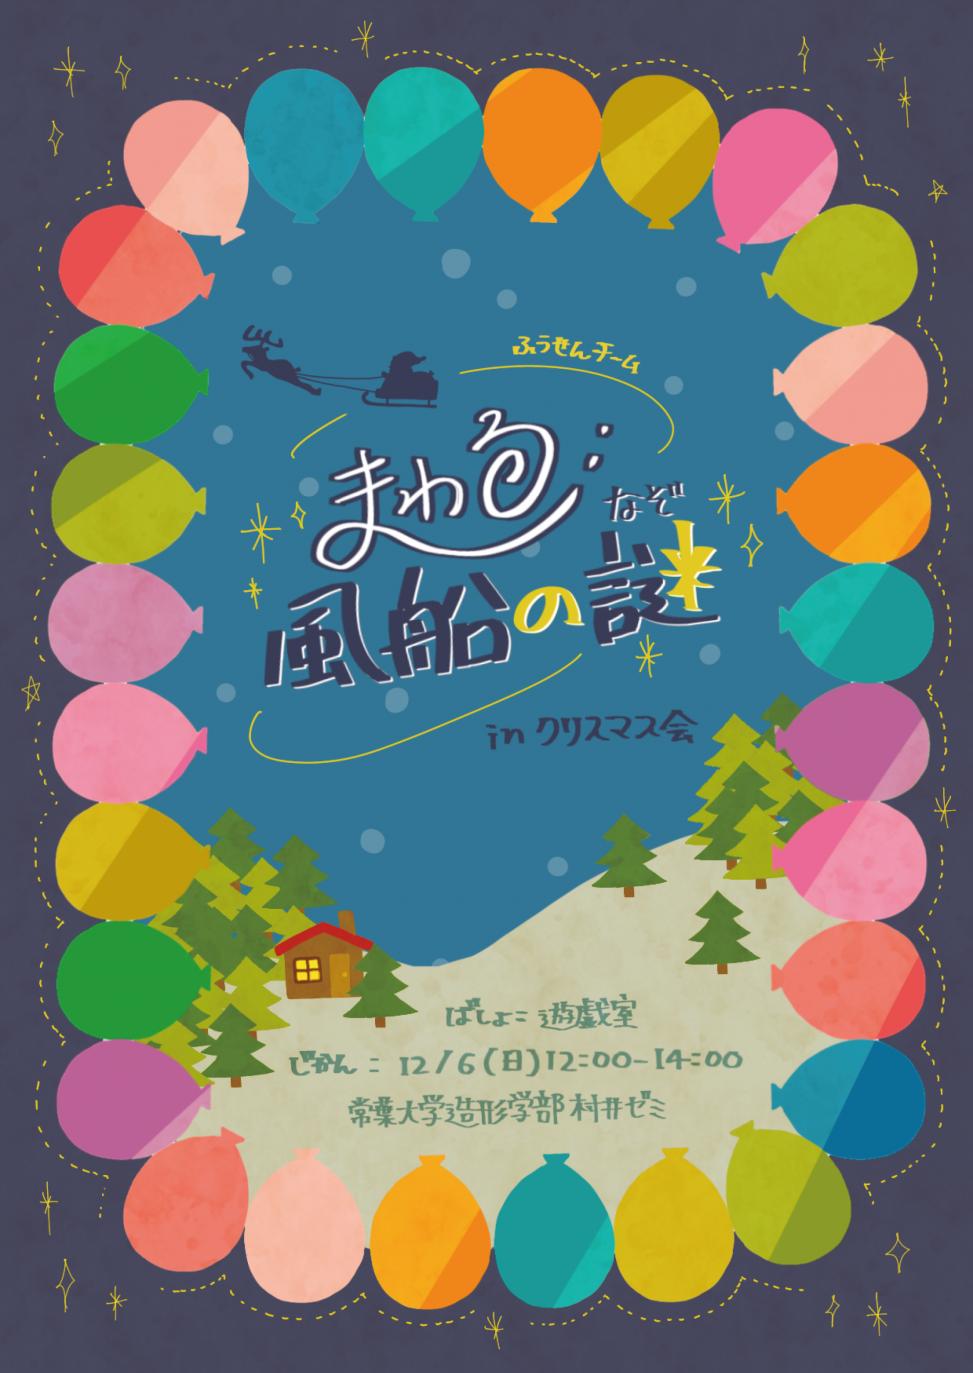 西奈児童館でサイエンスクリスマス会を開催します